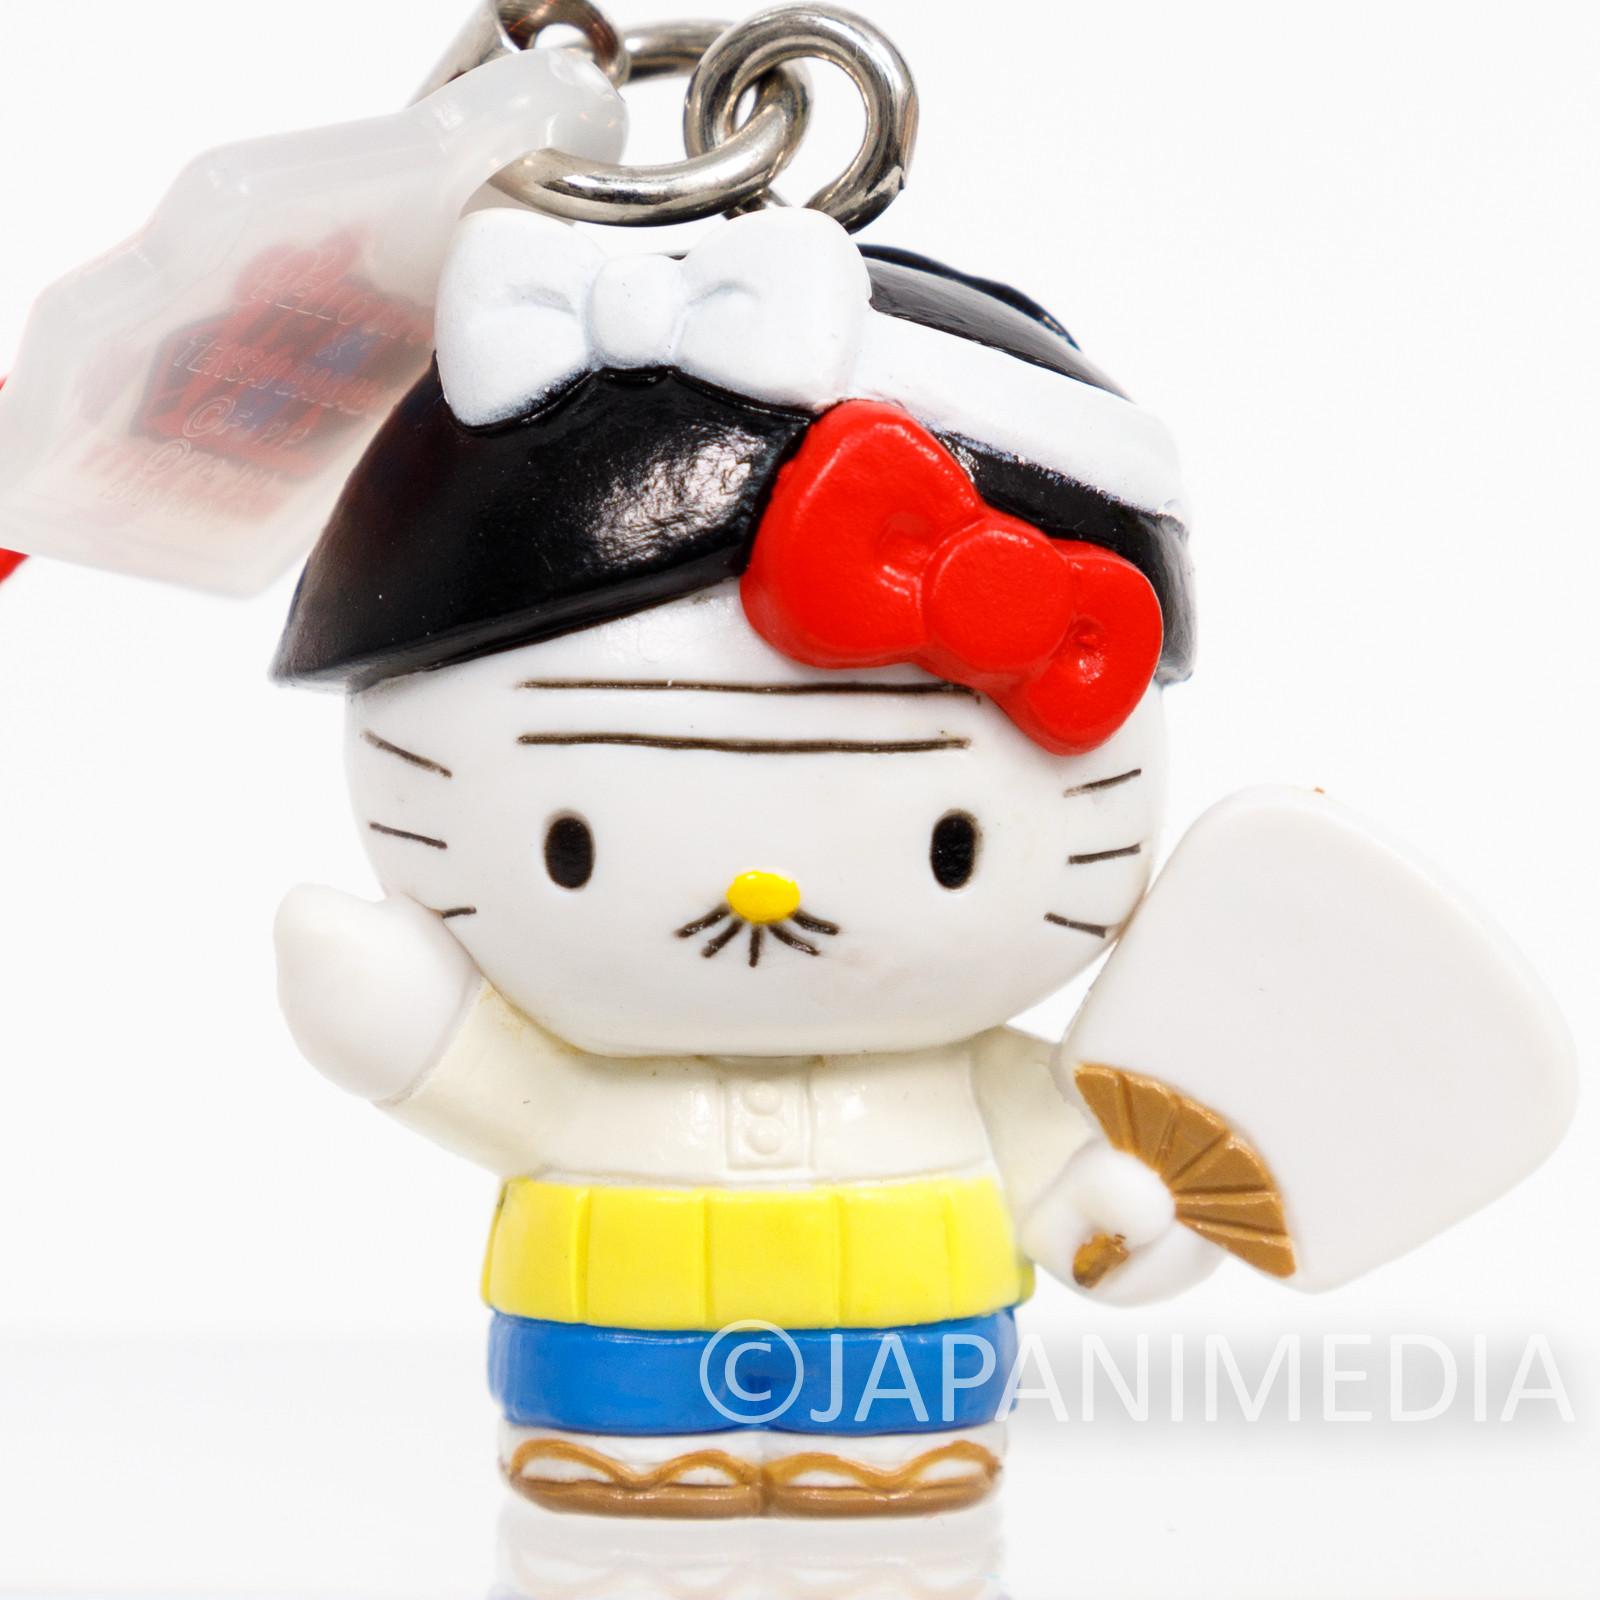 RARE! Tensai Bakabon Papa x Hello Kitty Figure Strap Fujio Akatsuka